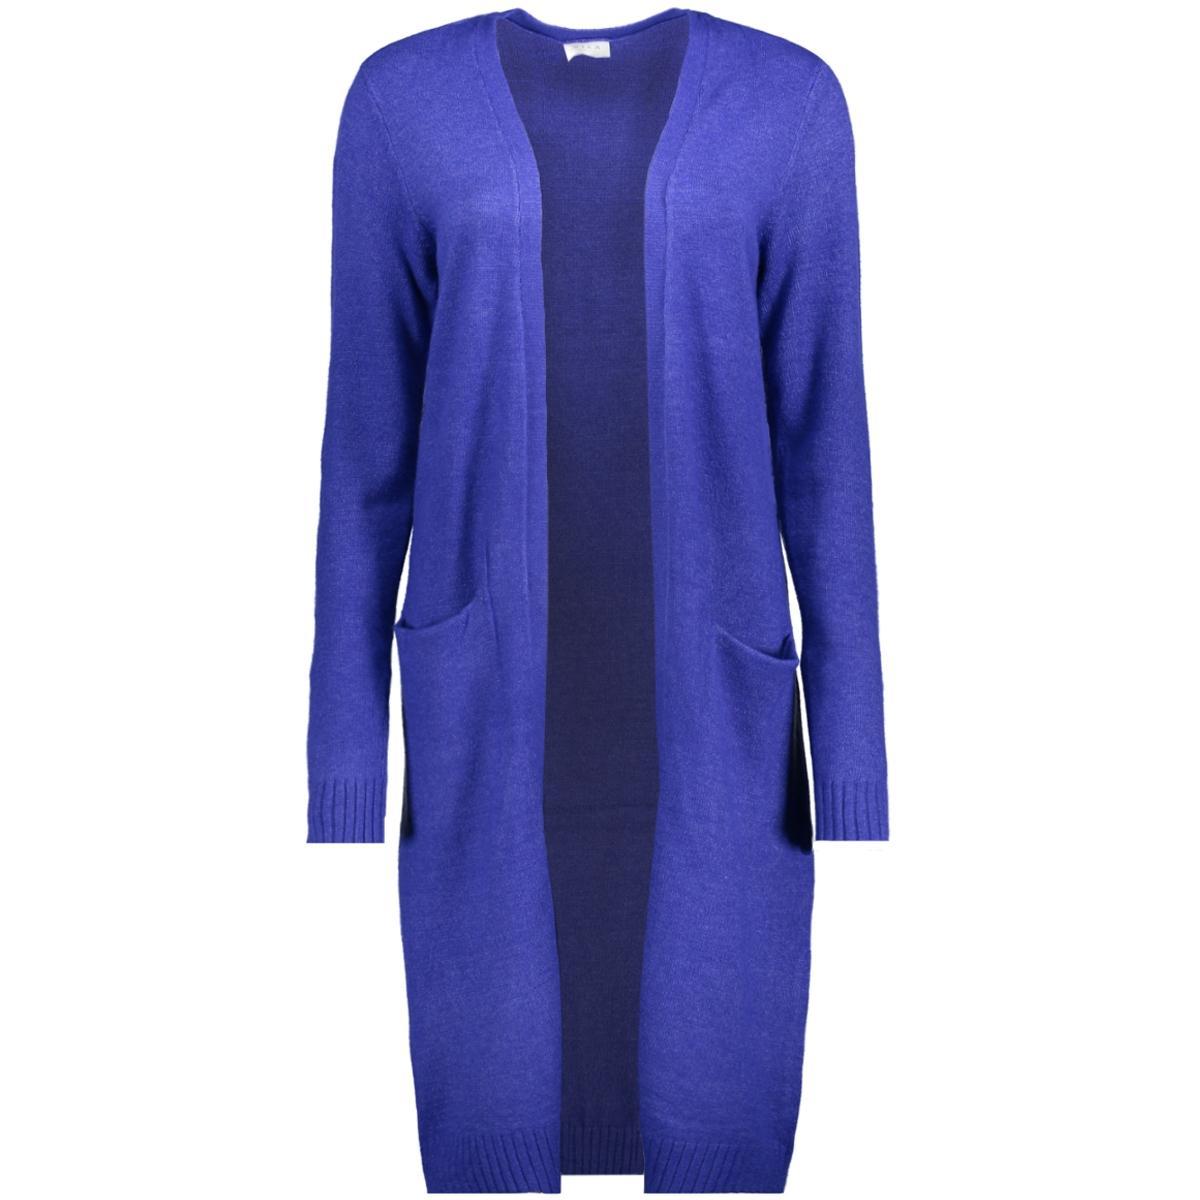 viril l/s long knit cardigan-fav 14043282 vila vest clematis blue/melange